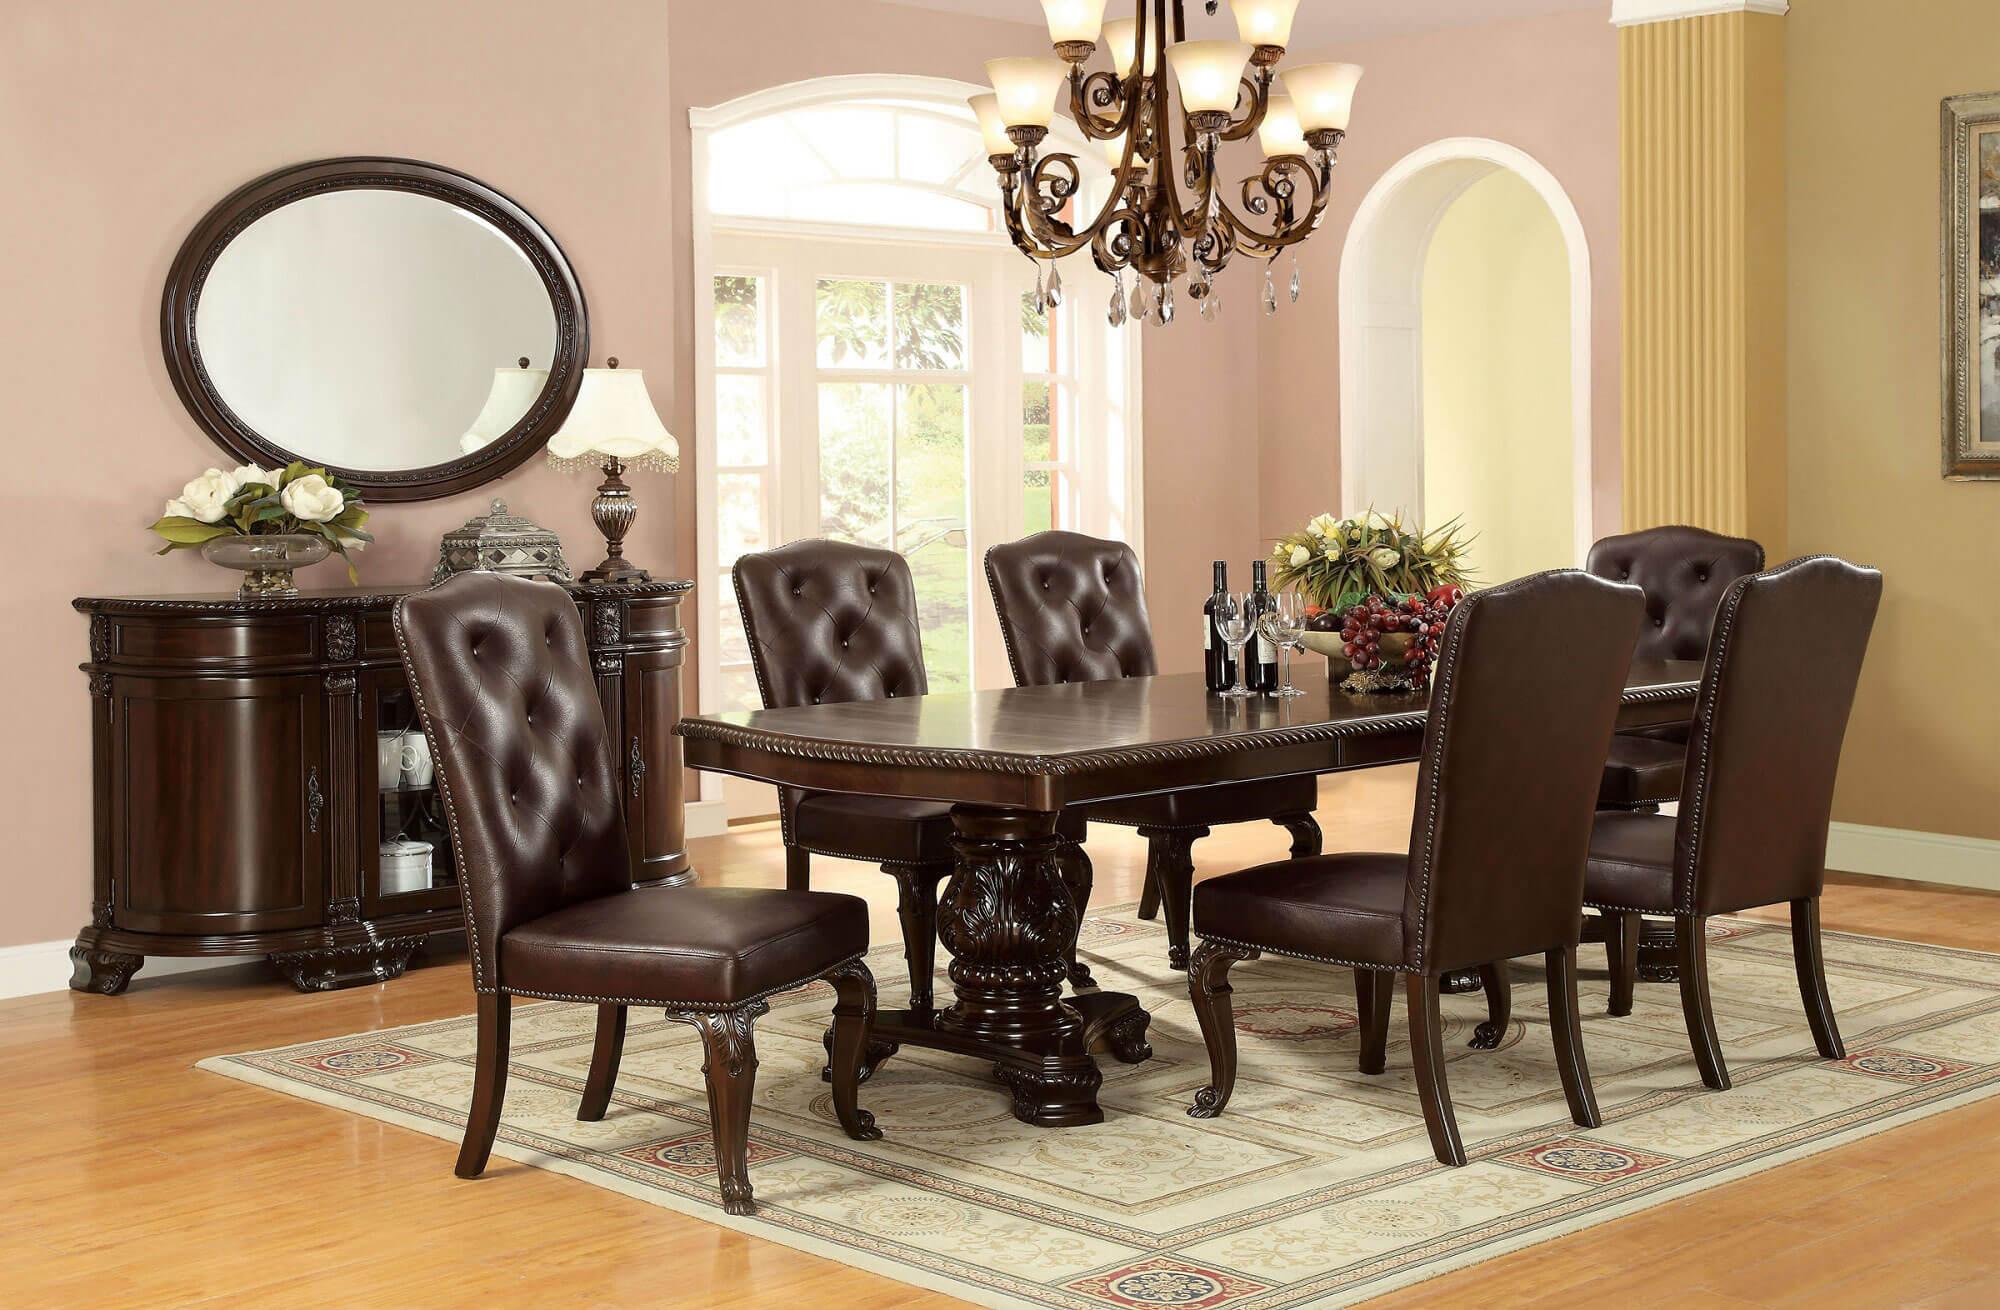 Set Kursi Makan Jati Mewah Elegan Dark Brown Sobat Furniture